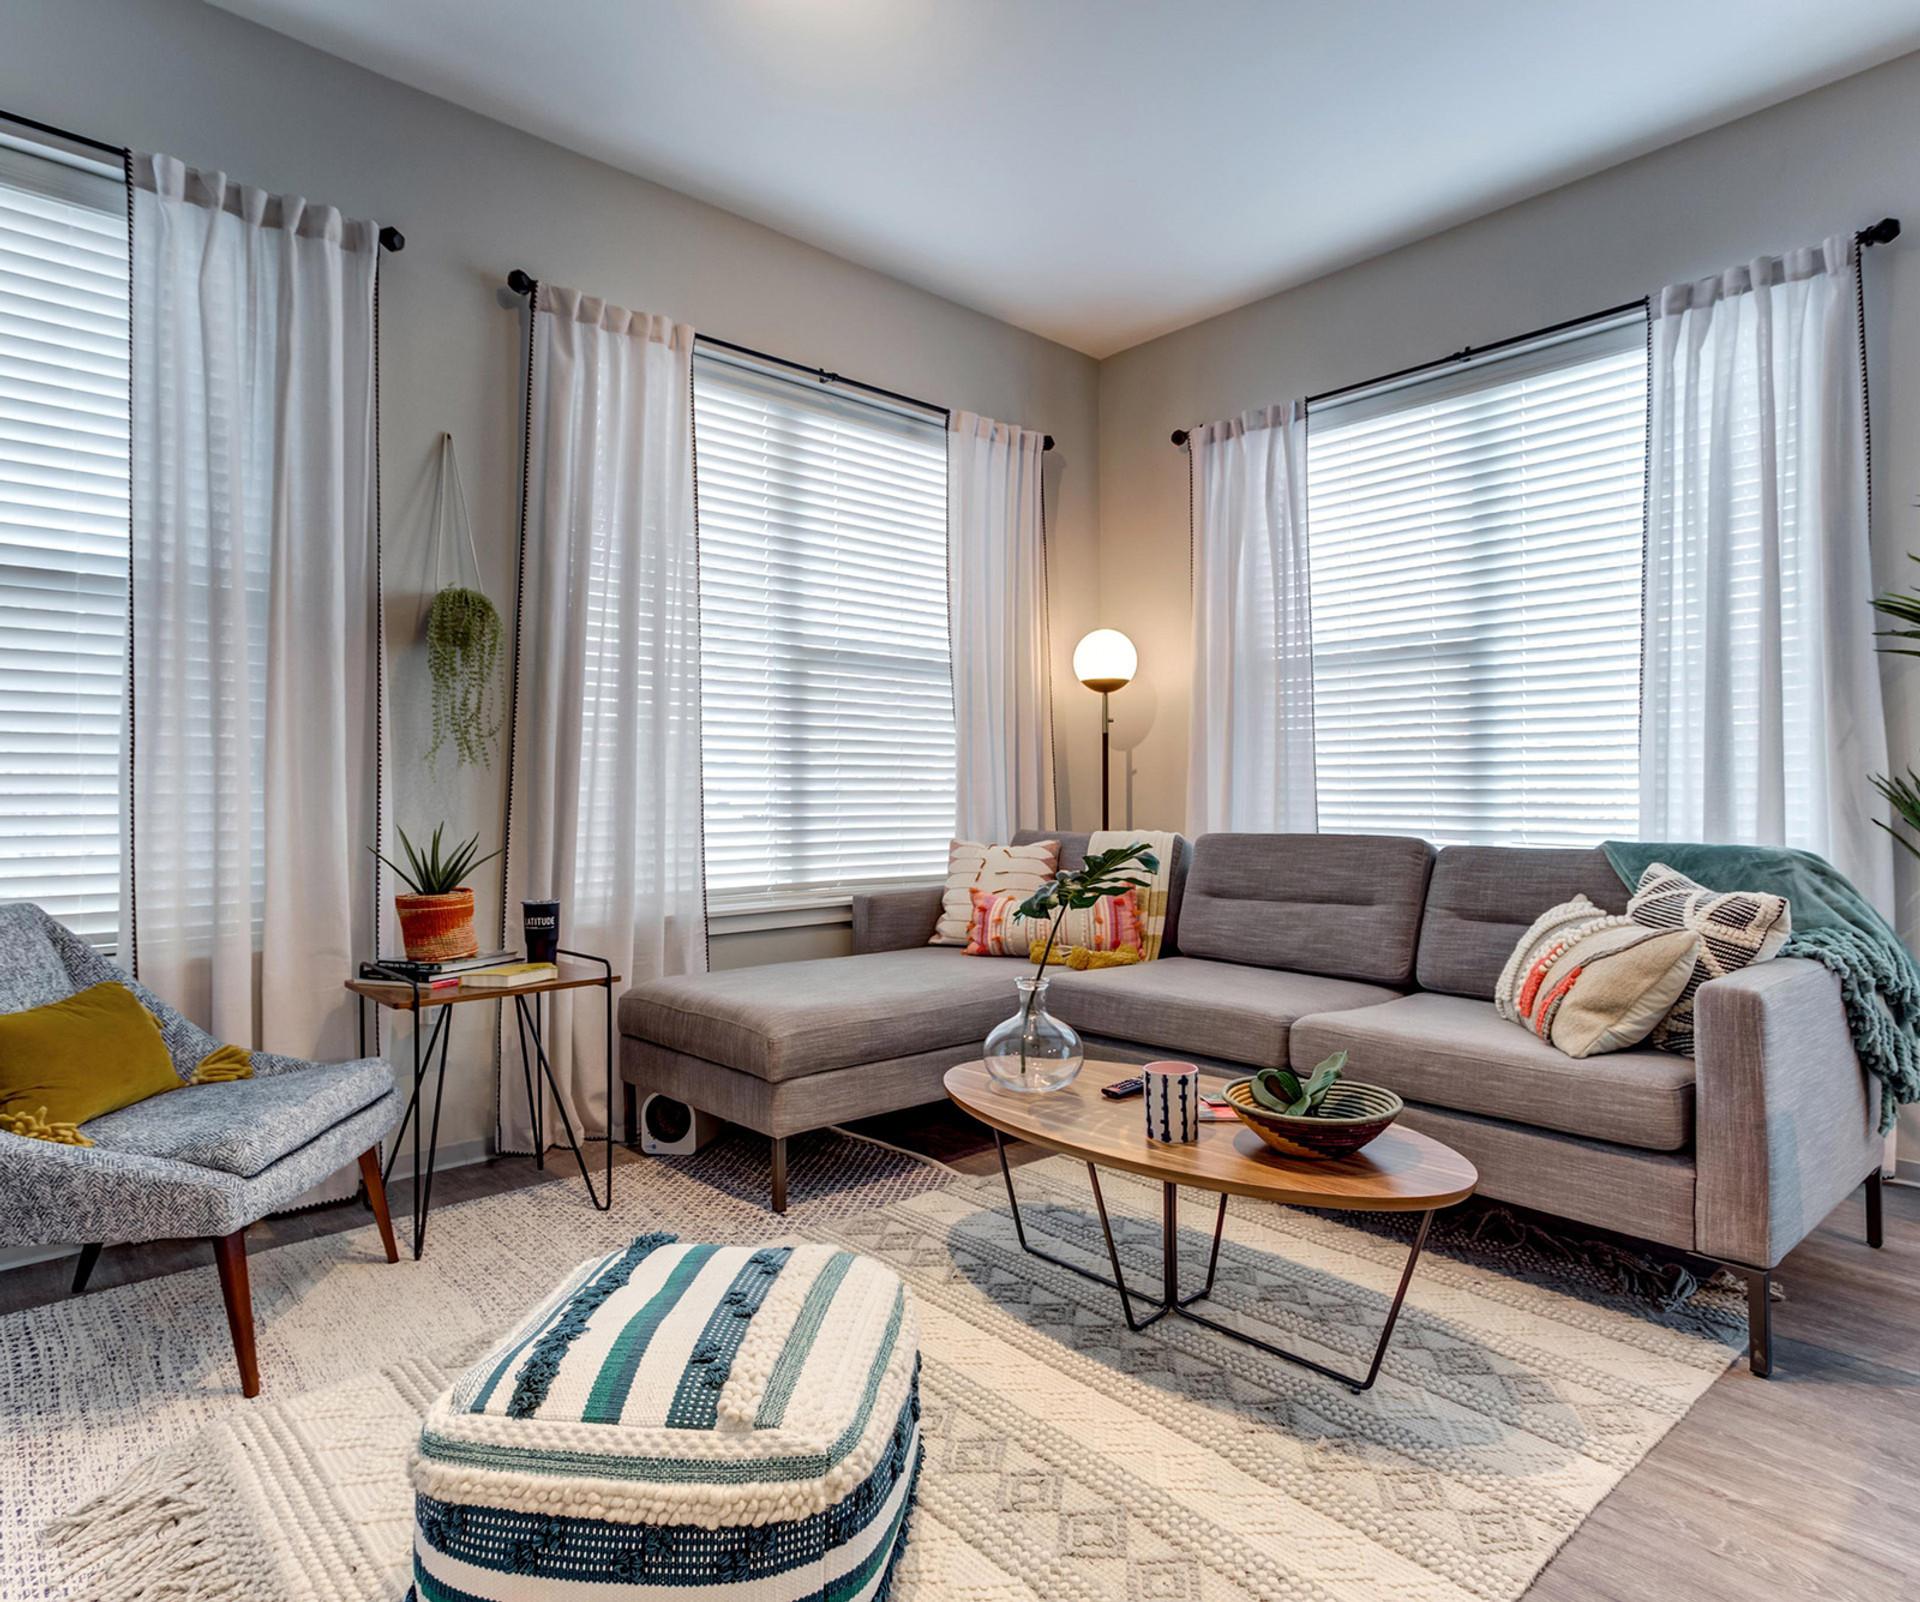 Model Unit Living Room | Kuchar